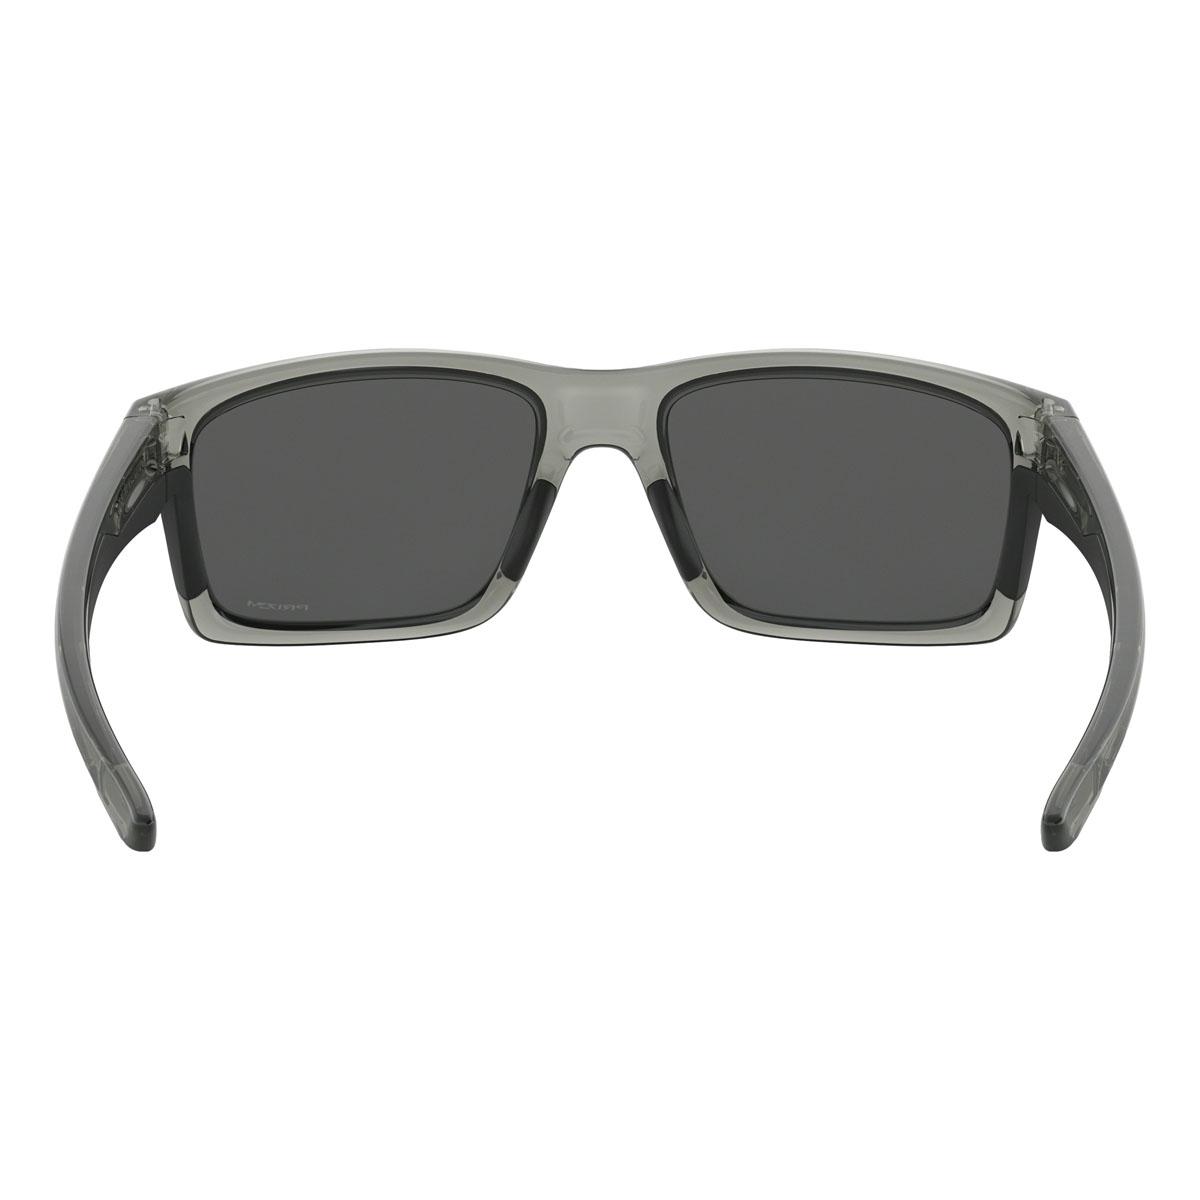 f1c69d1602d8 ... Image of Oakley Mainlink Prizm Sunglasses - Grey Ink Frame Prizm Black  Lens ...